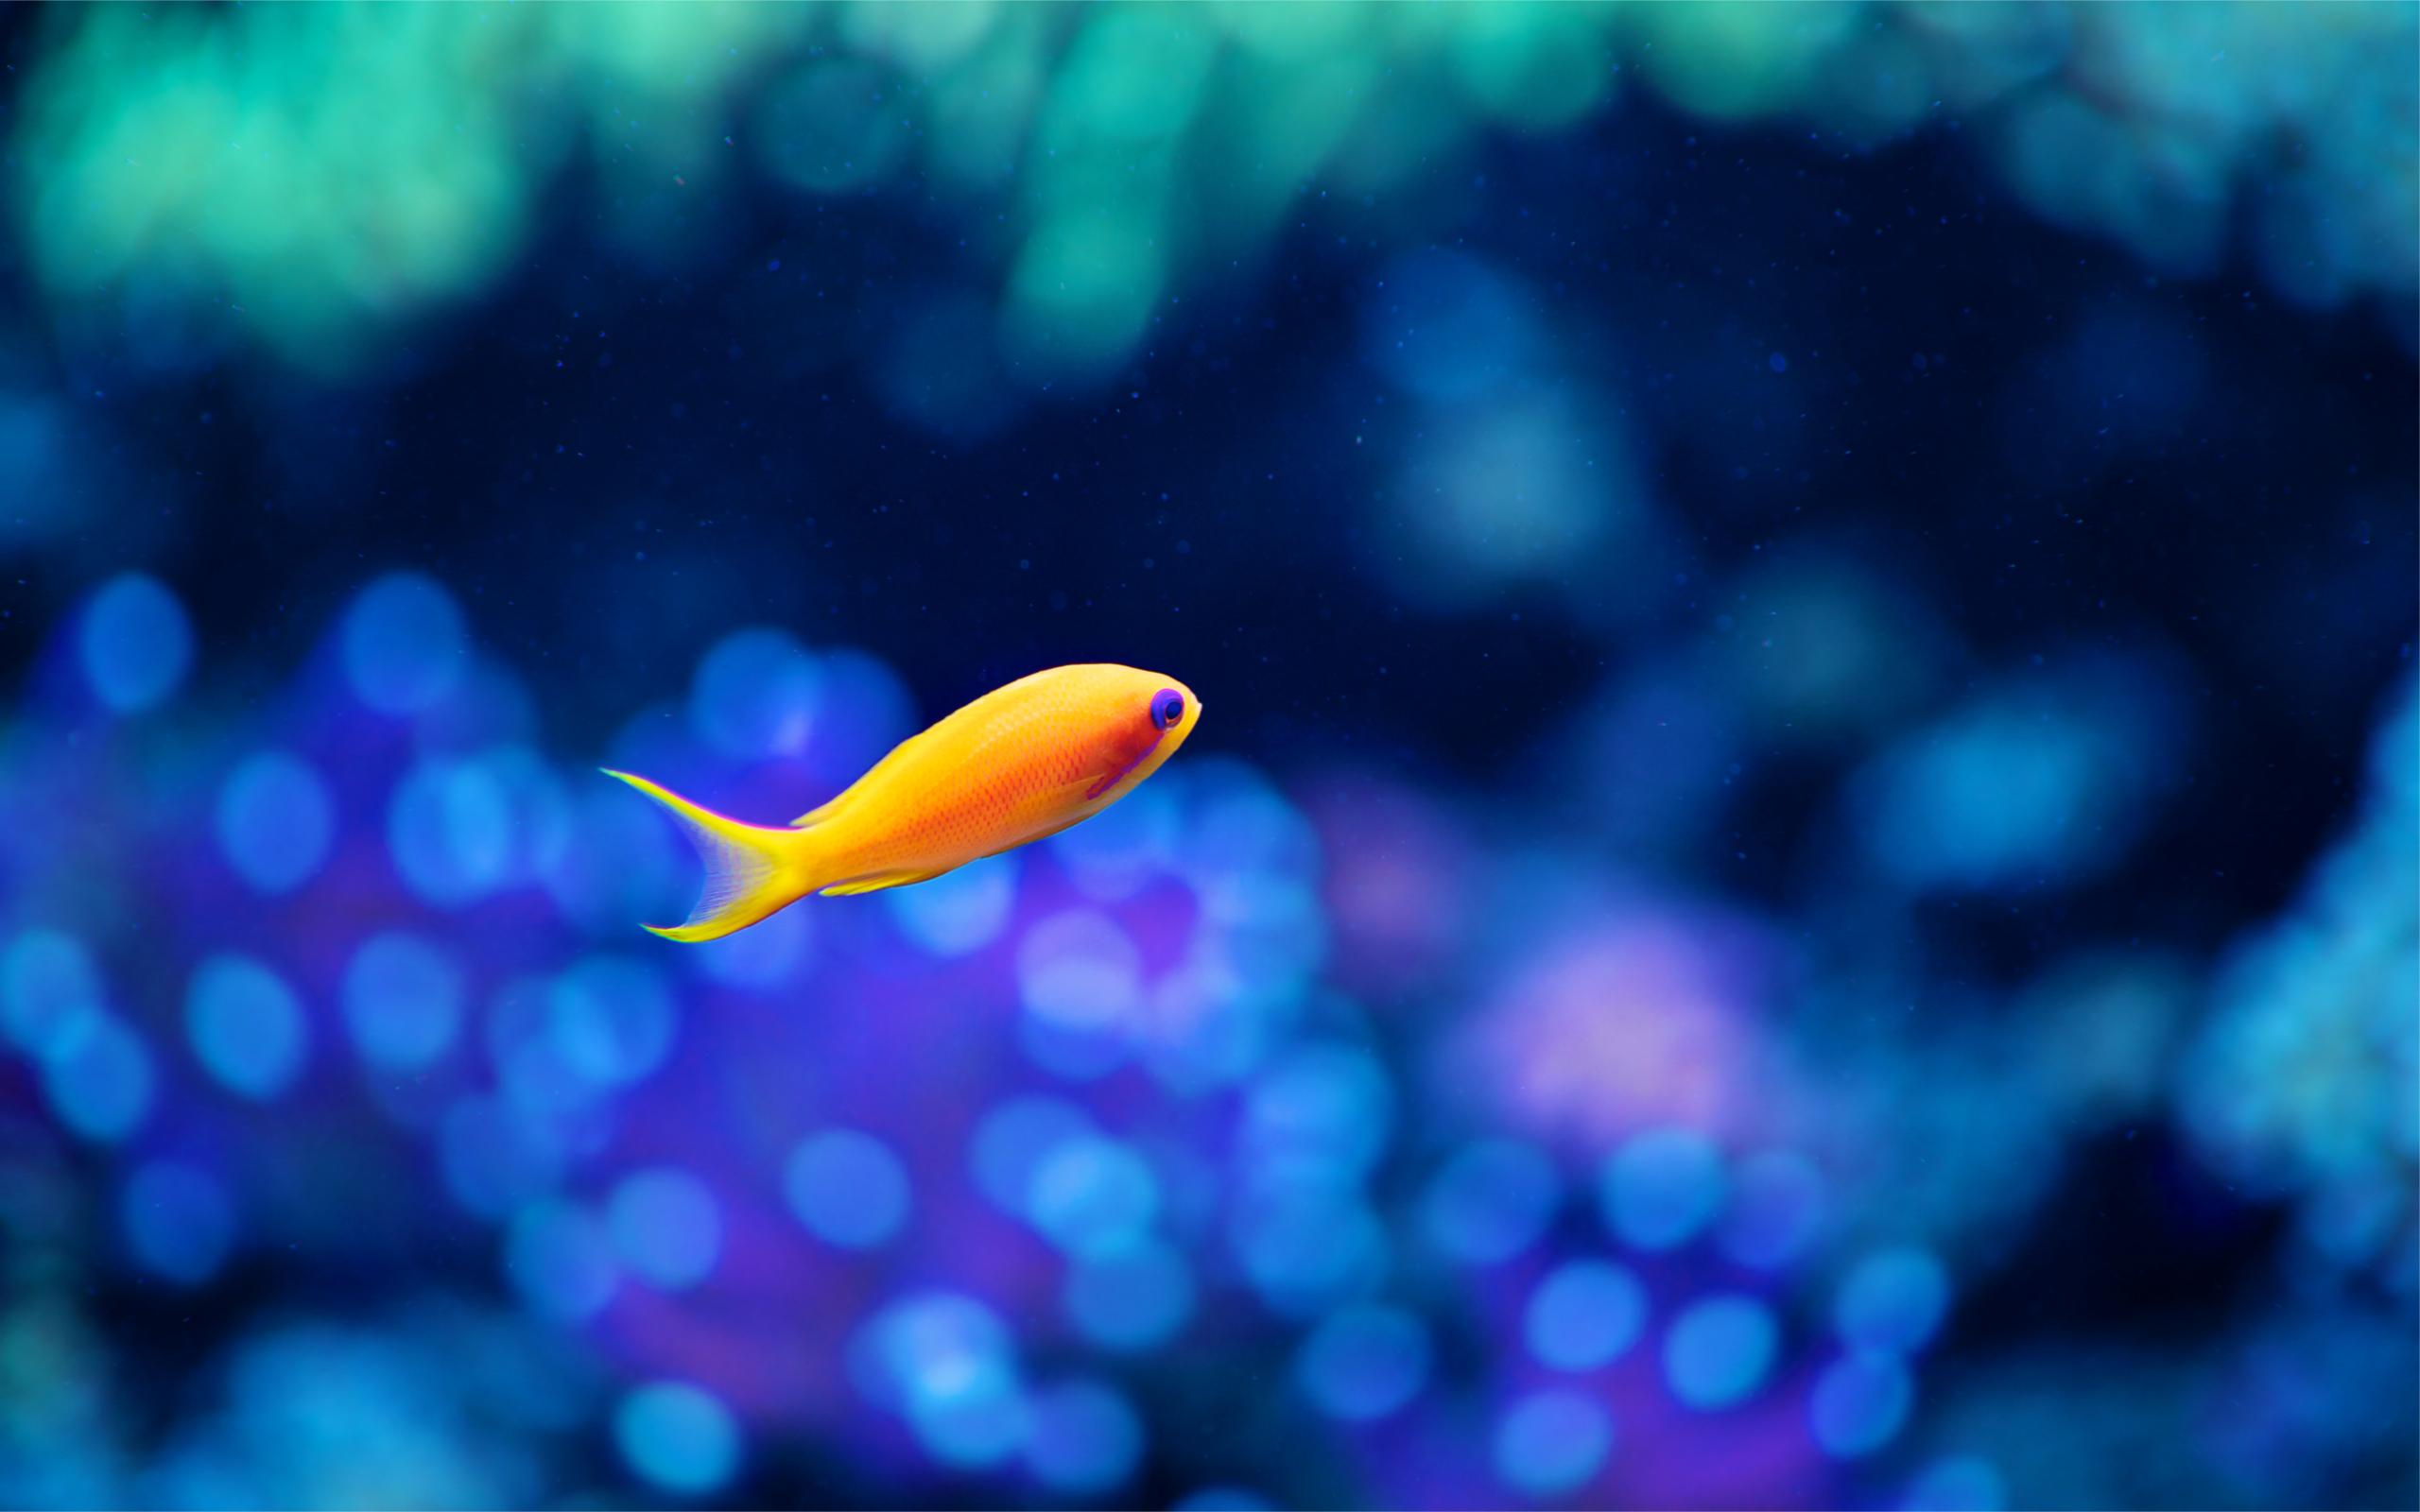 только фоновые картинки с рыбками подтверждаю, что ознакомлен